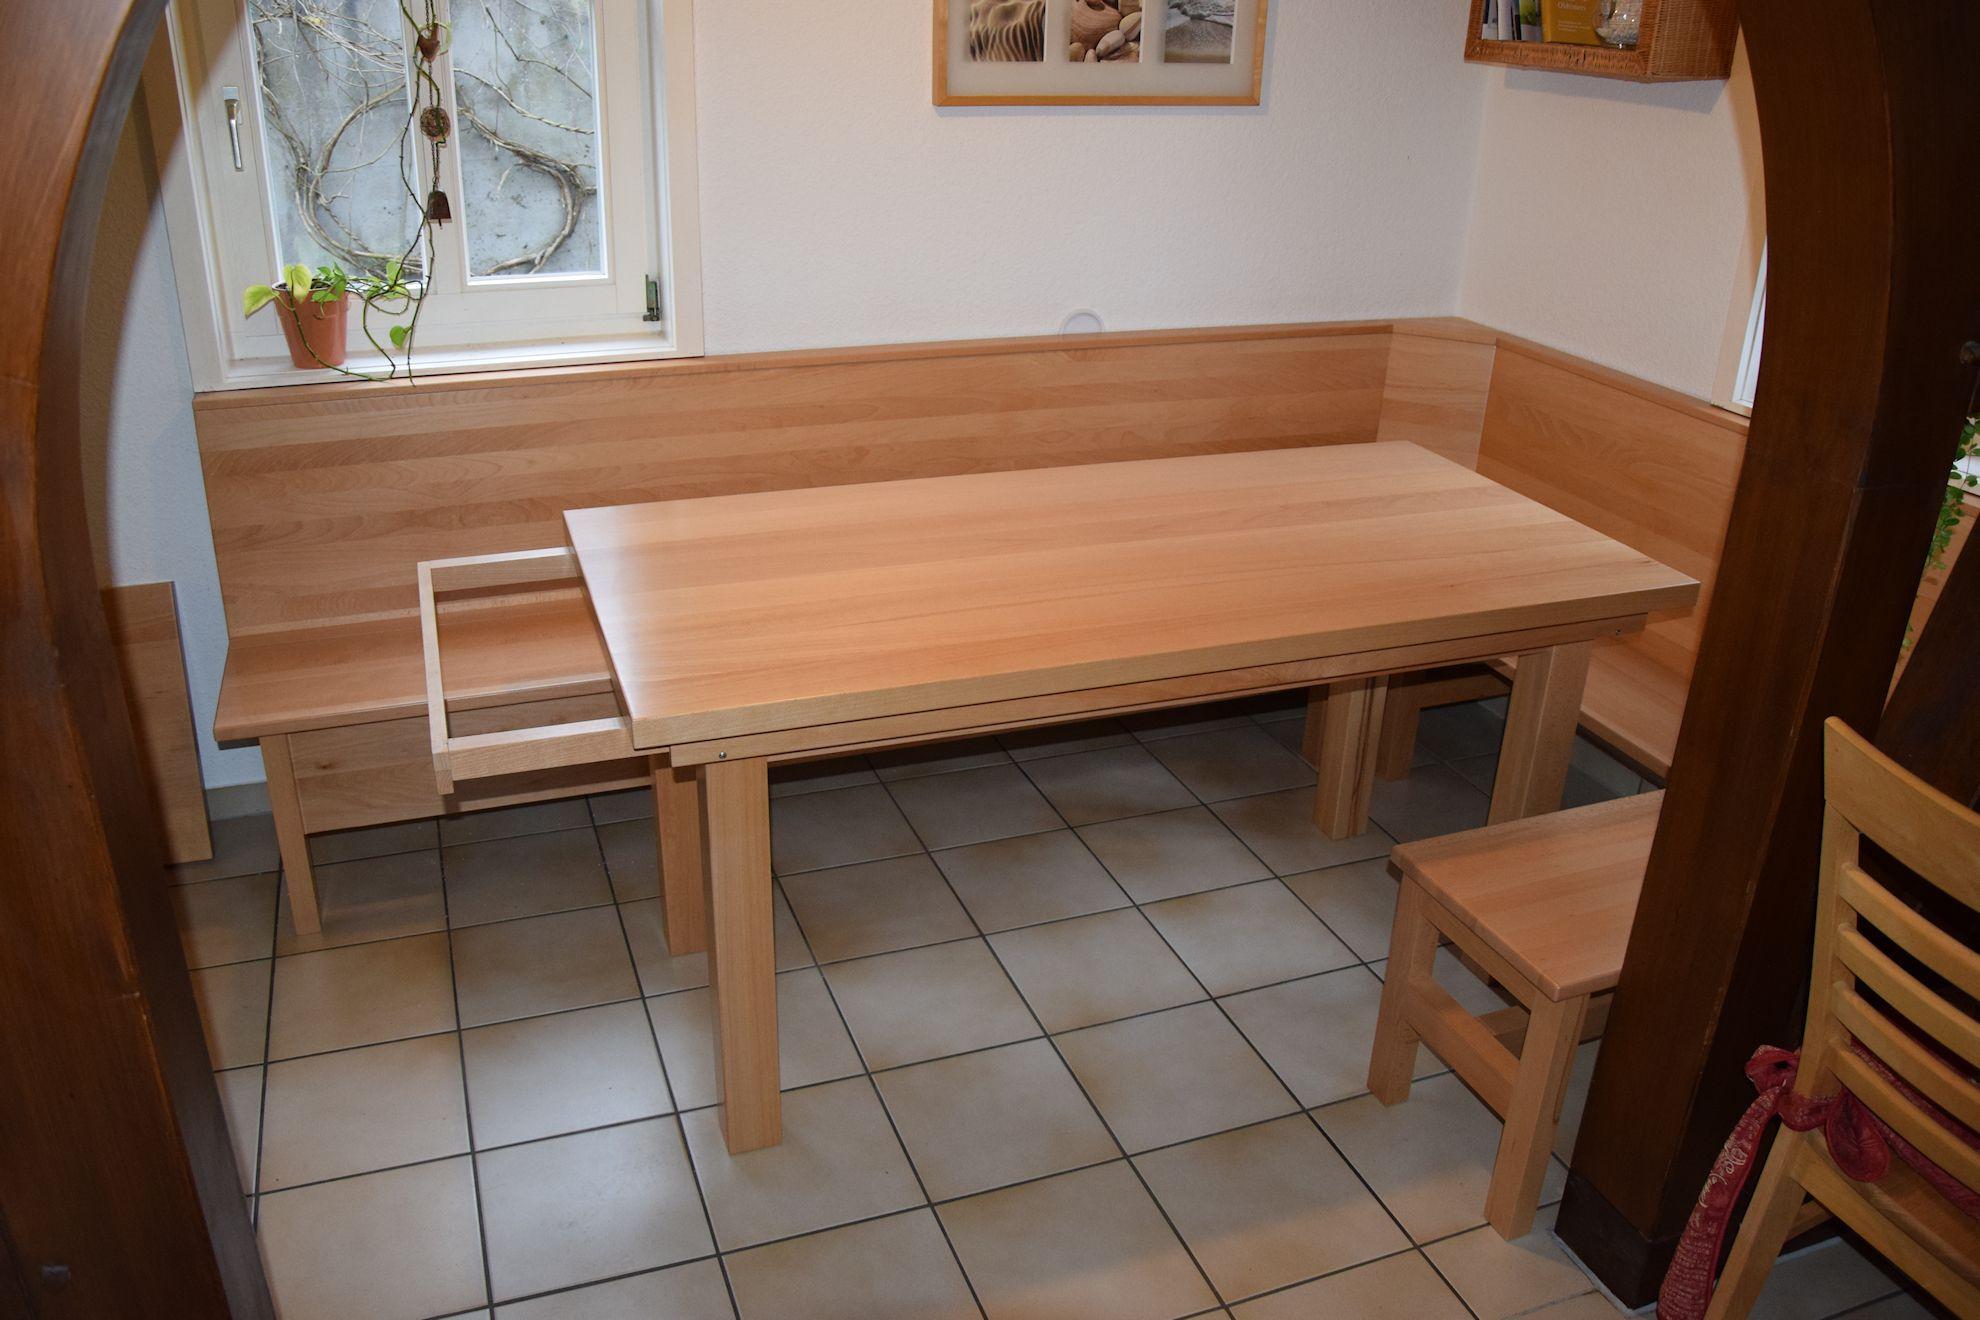 b nke schreinermeister krug. Black Bedroom Furniture Sets. Home Design Ideas